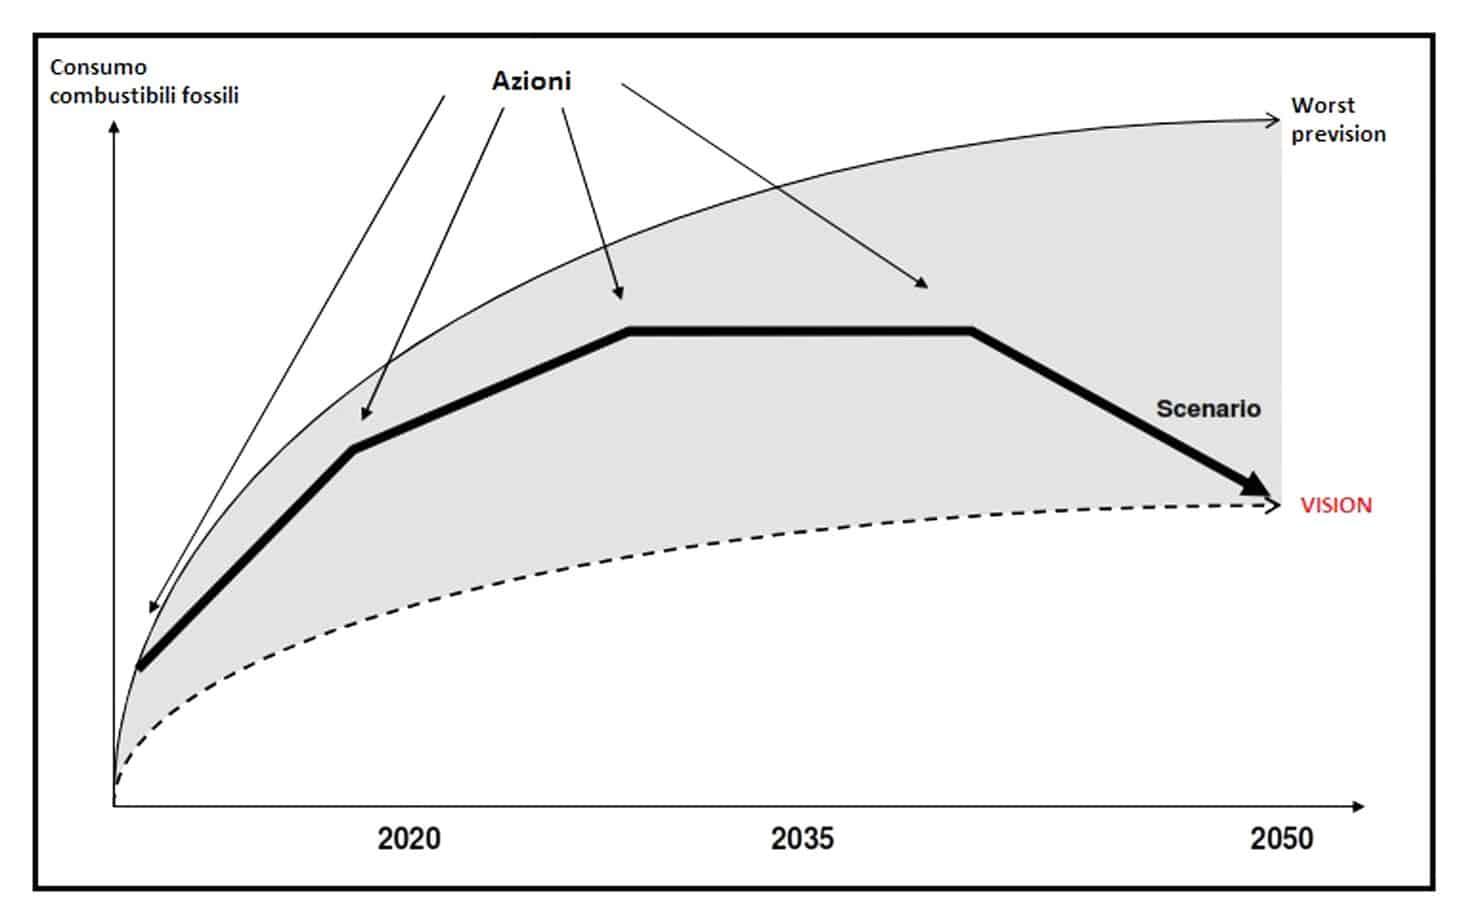 La tendenza media (Vision) per la dipendenza dai combustibili fossili: modalità e distribuzione delle azioni